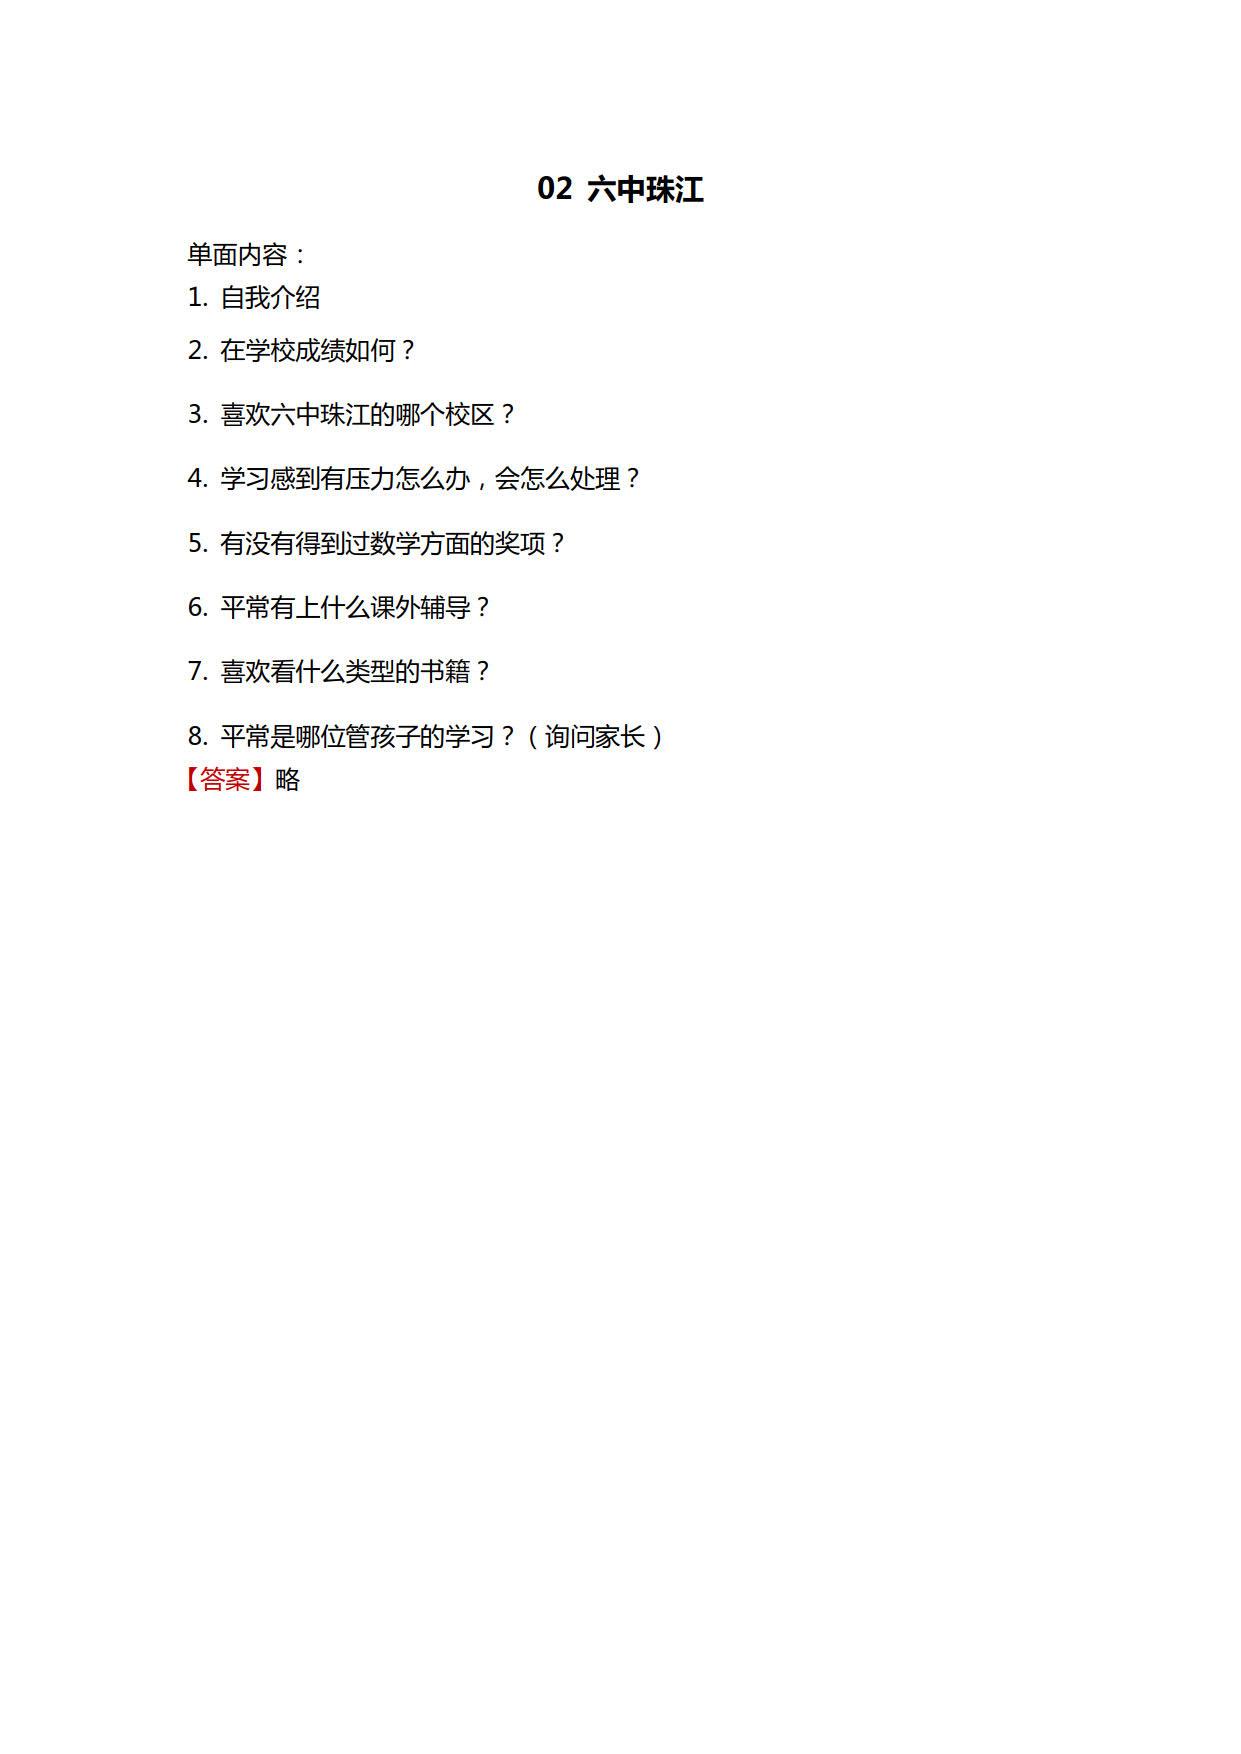 2018年广州6中珠江对话题目&解析